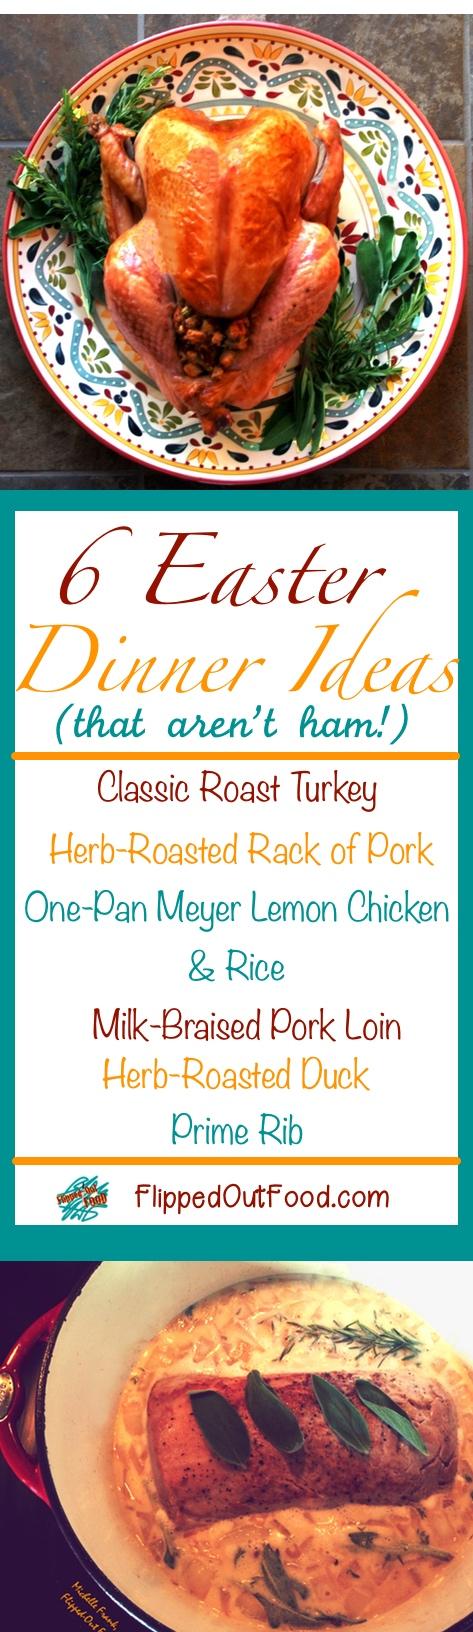 4 easy—yet awe inspiring—Easter dinner ideas that don't involve ham. Milk-Braised Pork Loin, Meyer Lemon Chicken, Herb-Roasted Duck & Herb-Roasted Rack of Pork.